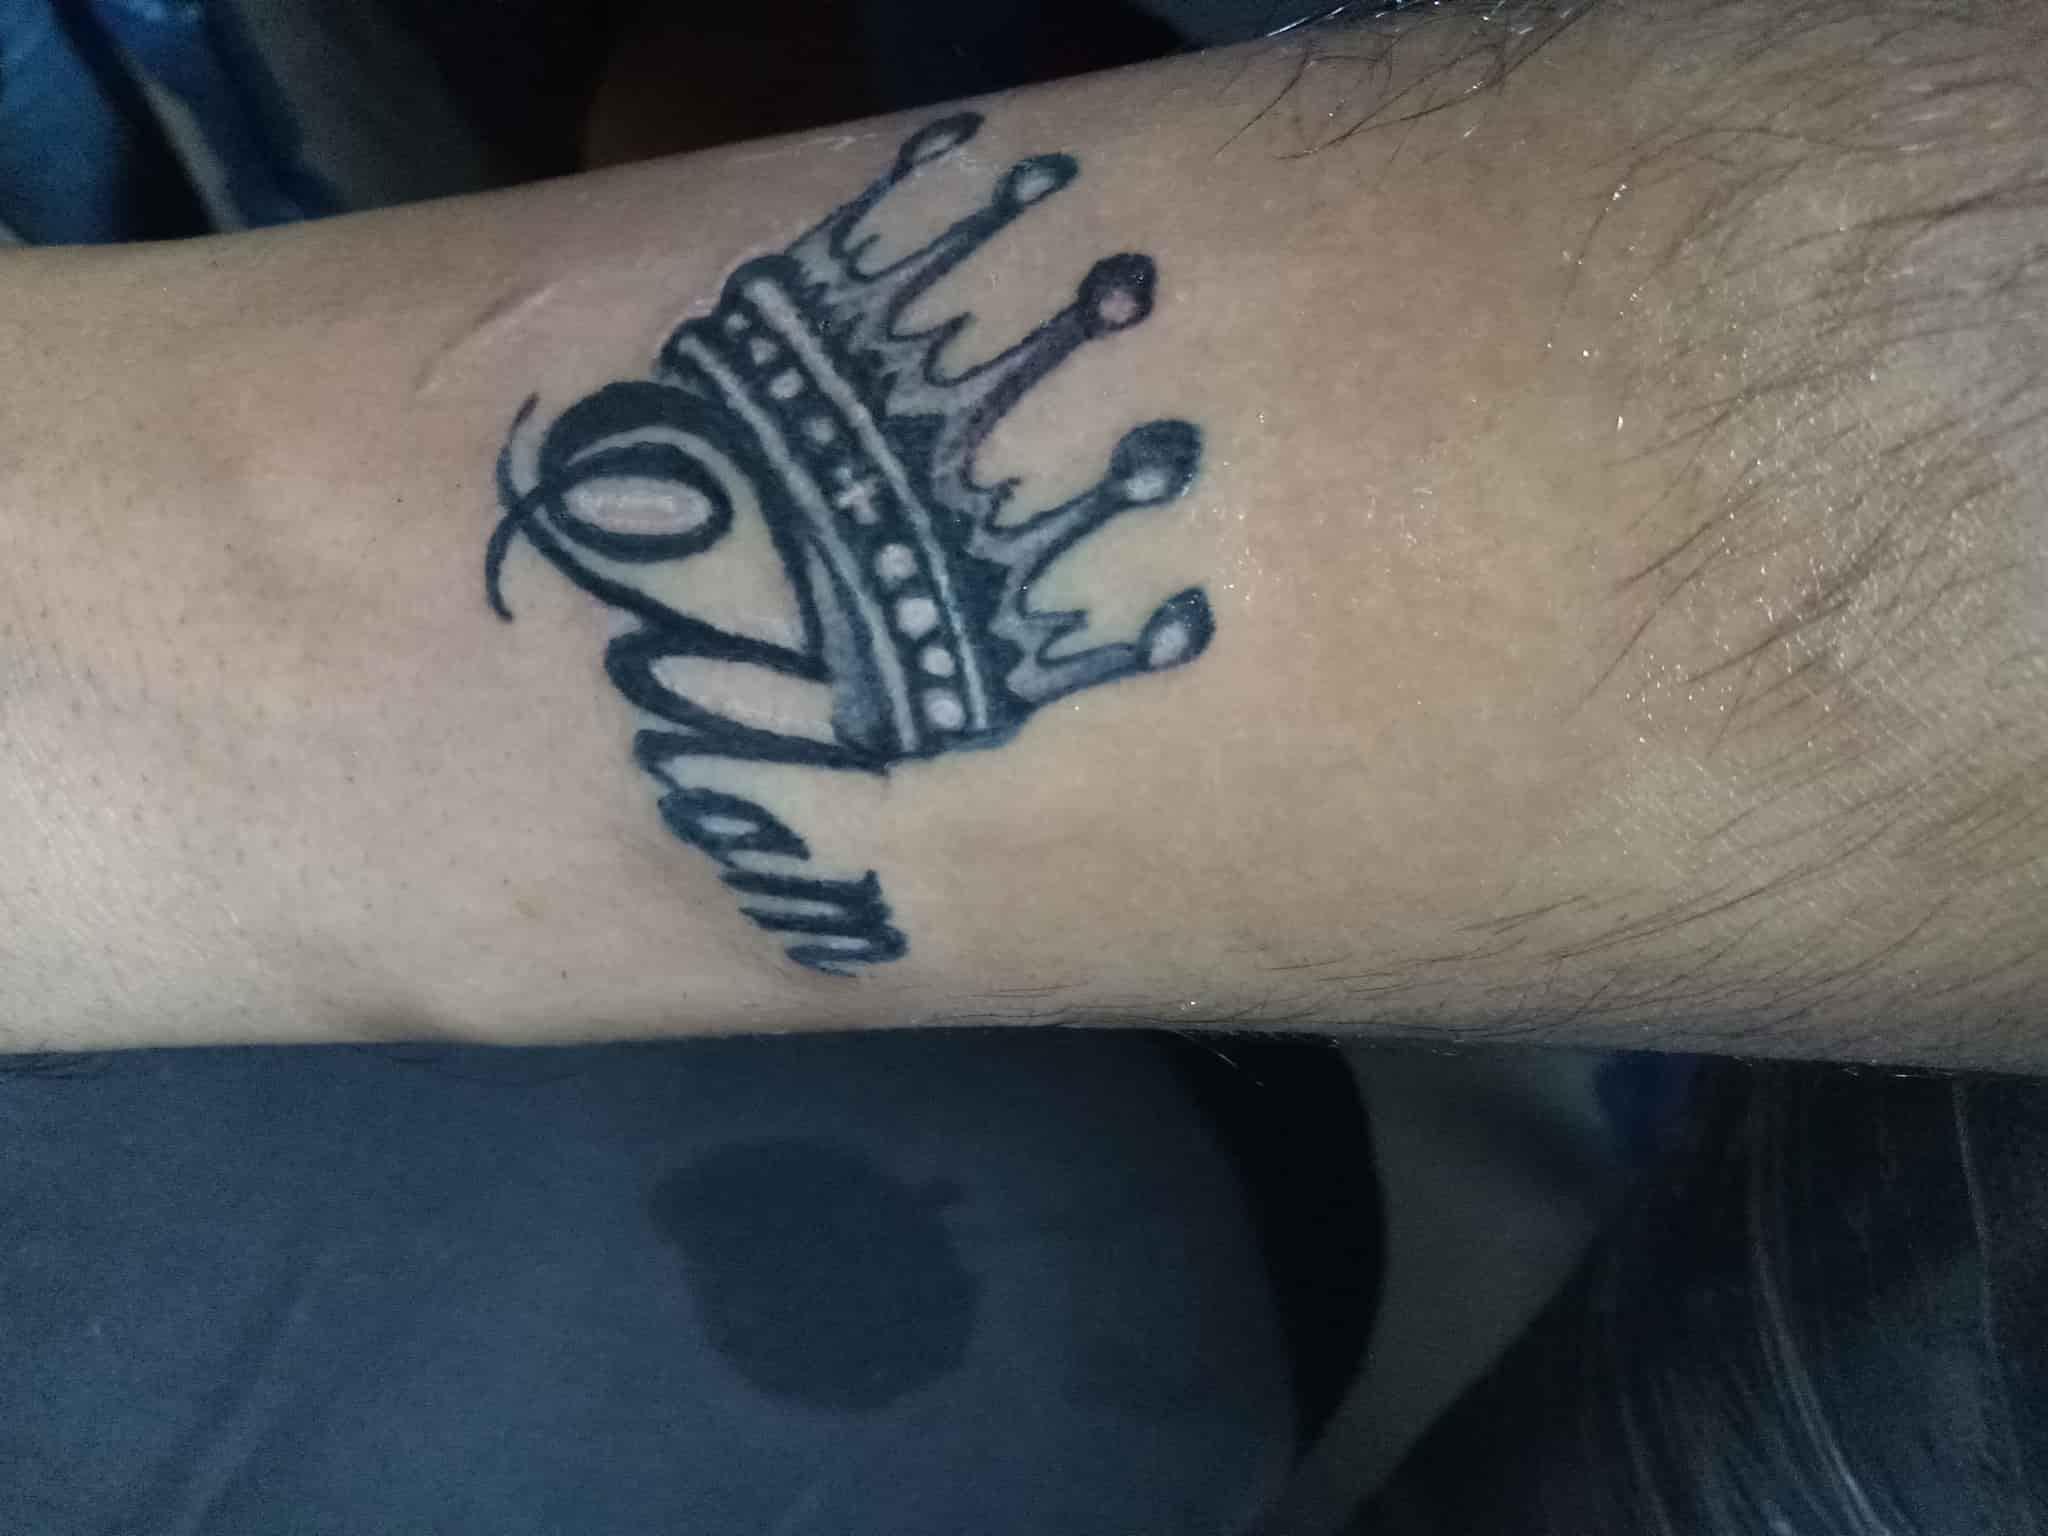 1ffec22d5 ... Tattoo Design - Ink Father Tattoo Studio Photos, Pipeline Road,  ahmednagar - Tattoo Artists ...